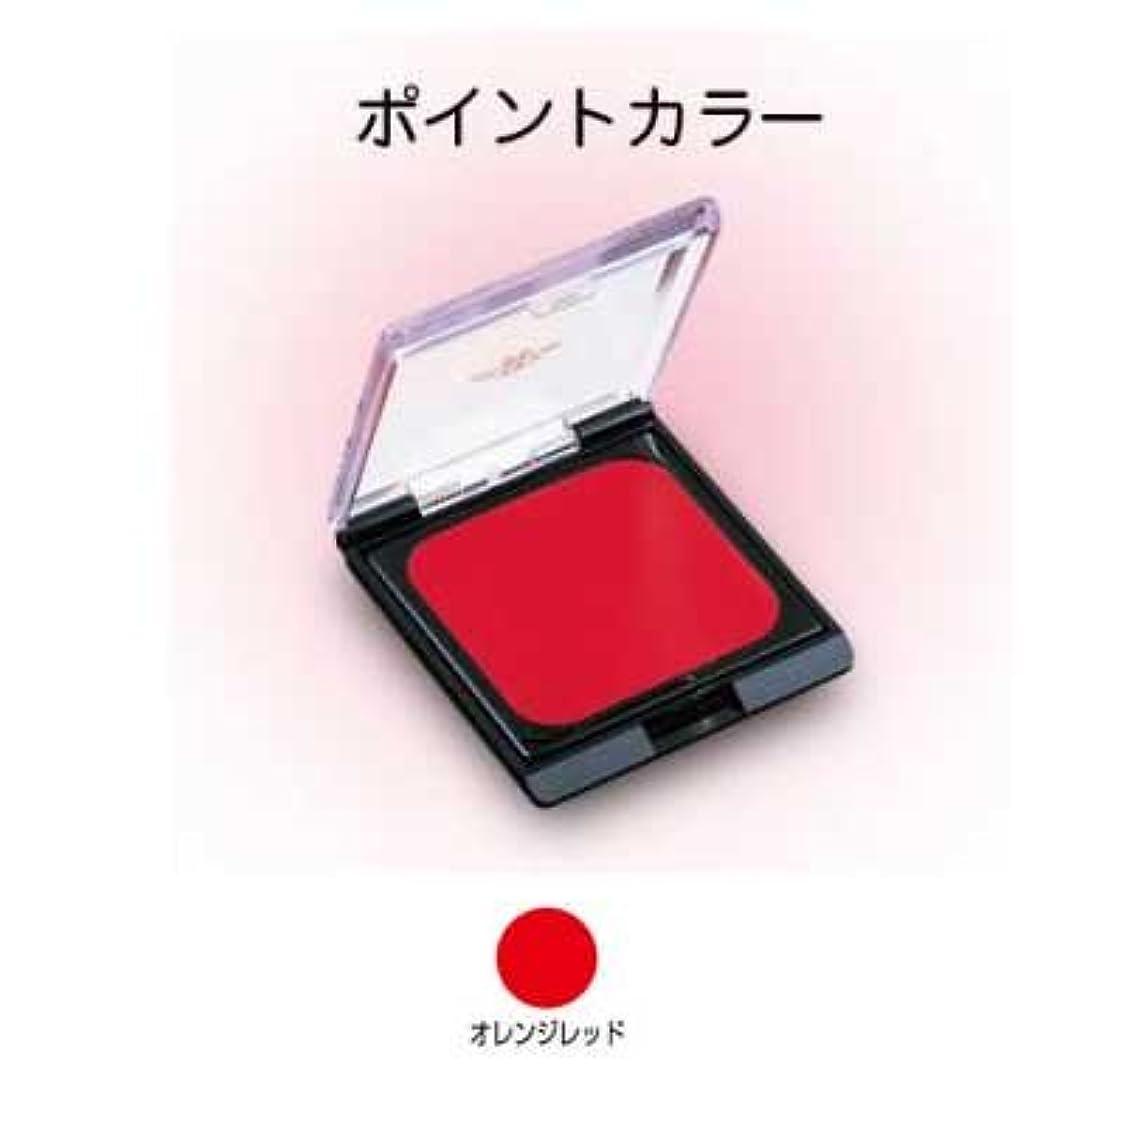 肌寒い作成者火星三善 クラウンカラー 7g オレンジレッド